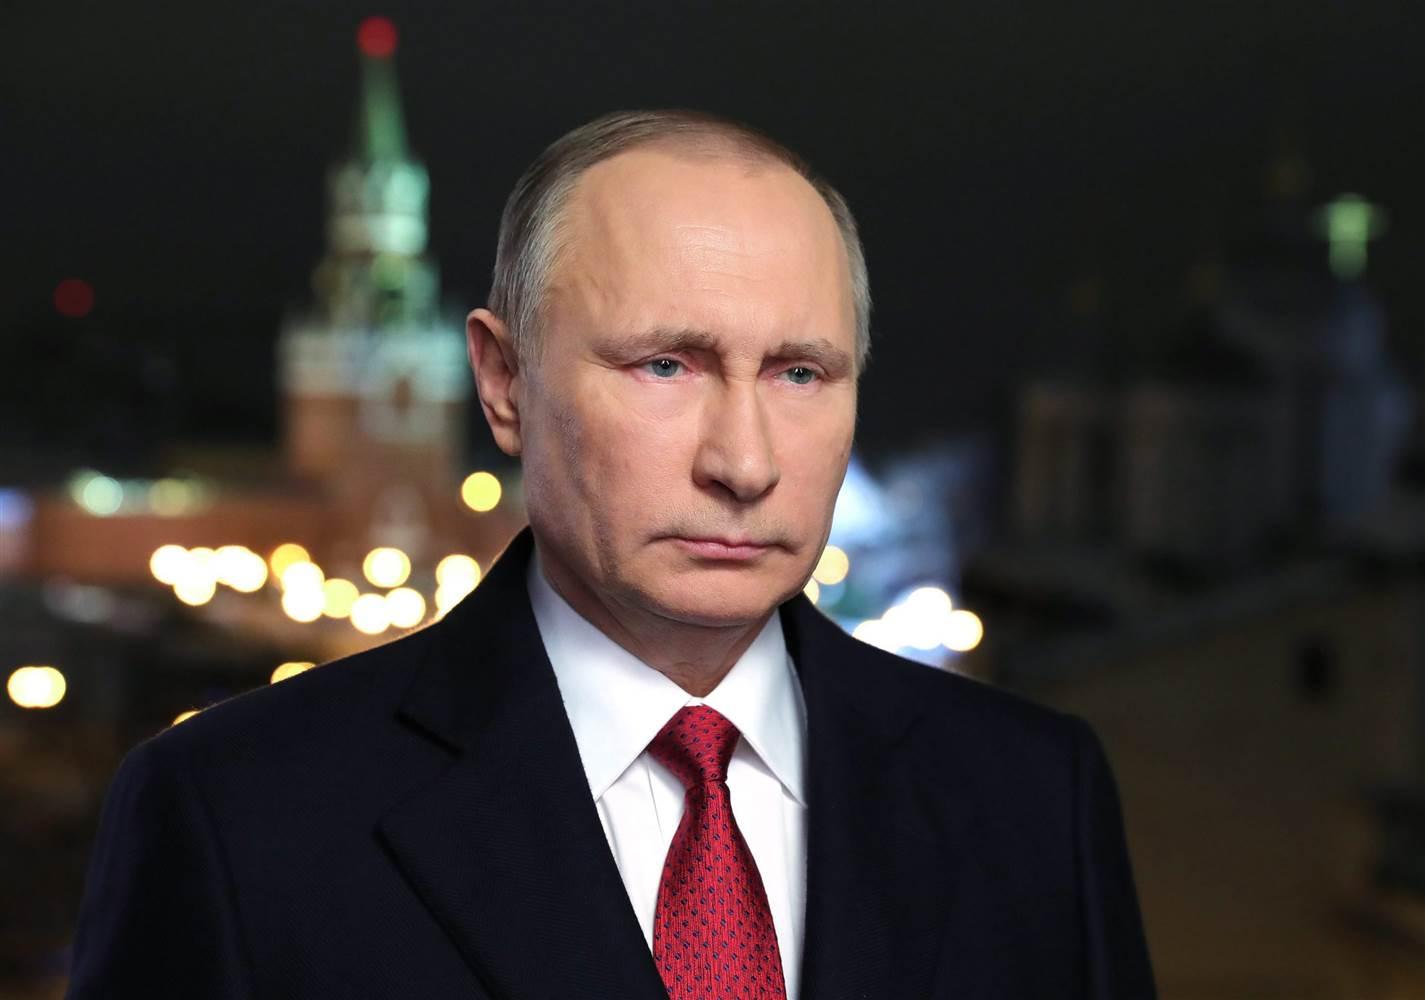 Putin'den İsveç'e Uyarı: Nato Üyeliği İkili İlişkilerimizi Zedeler